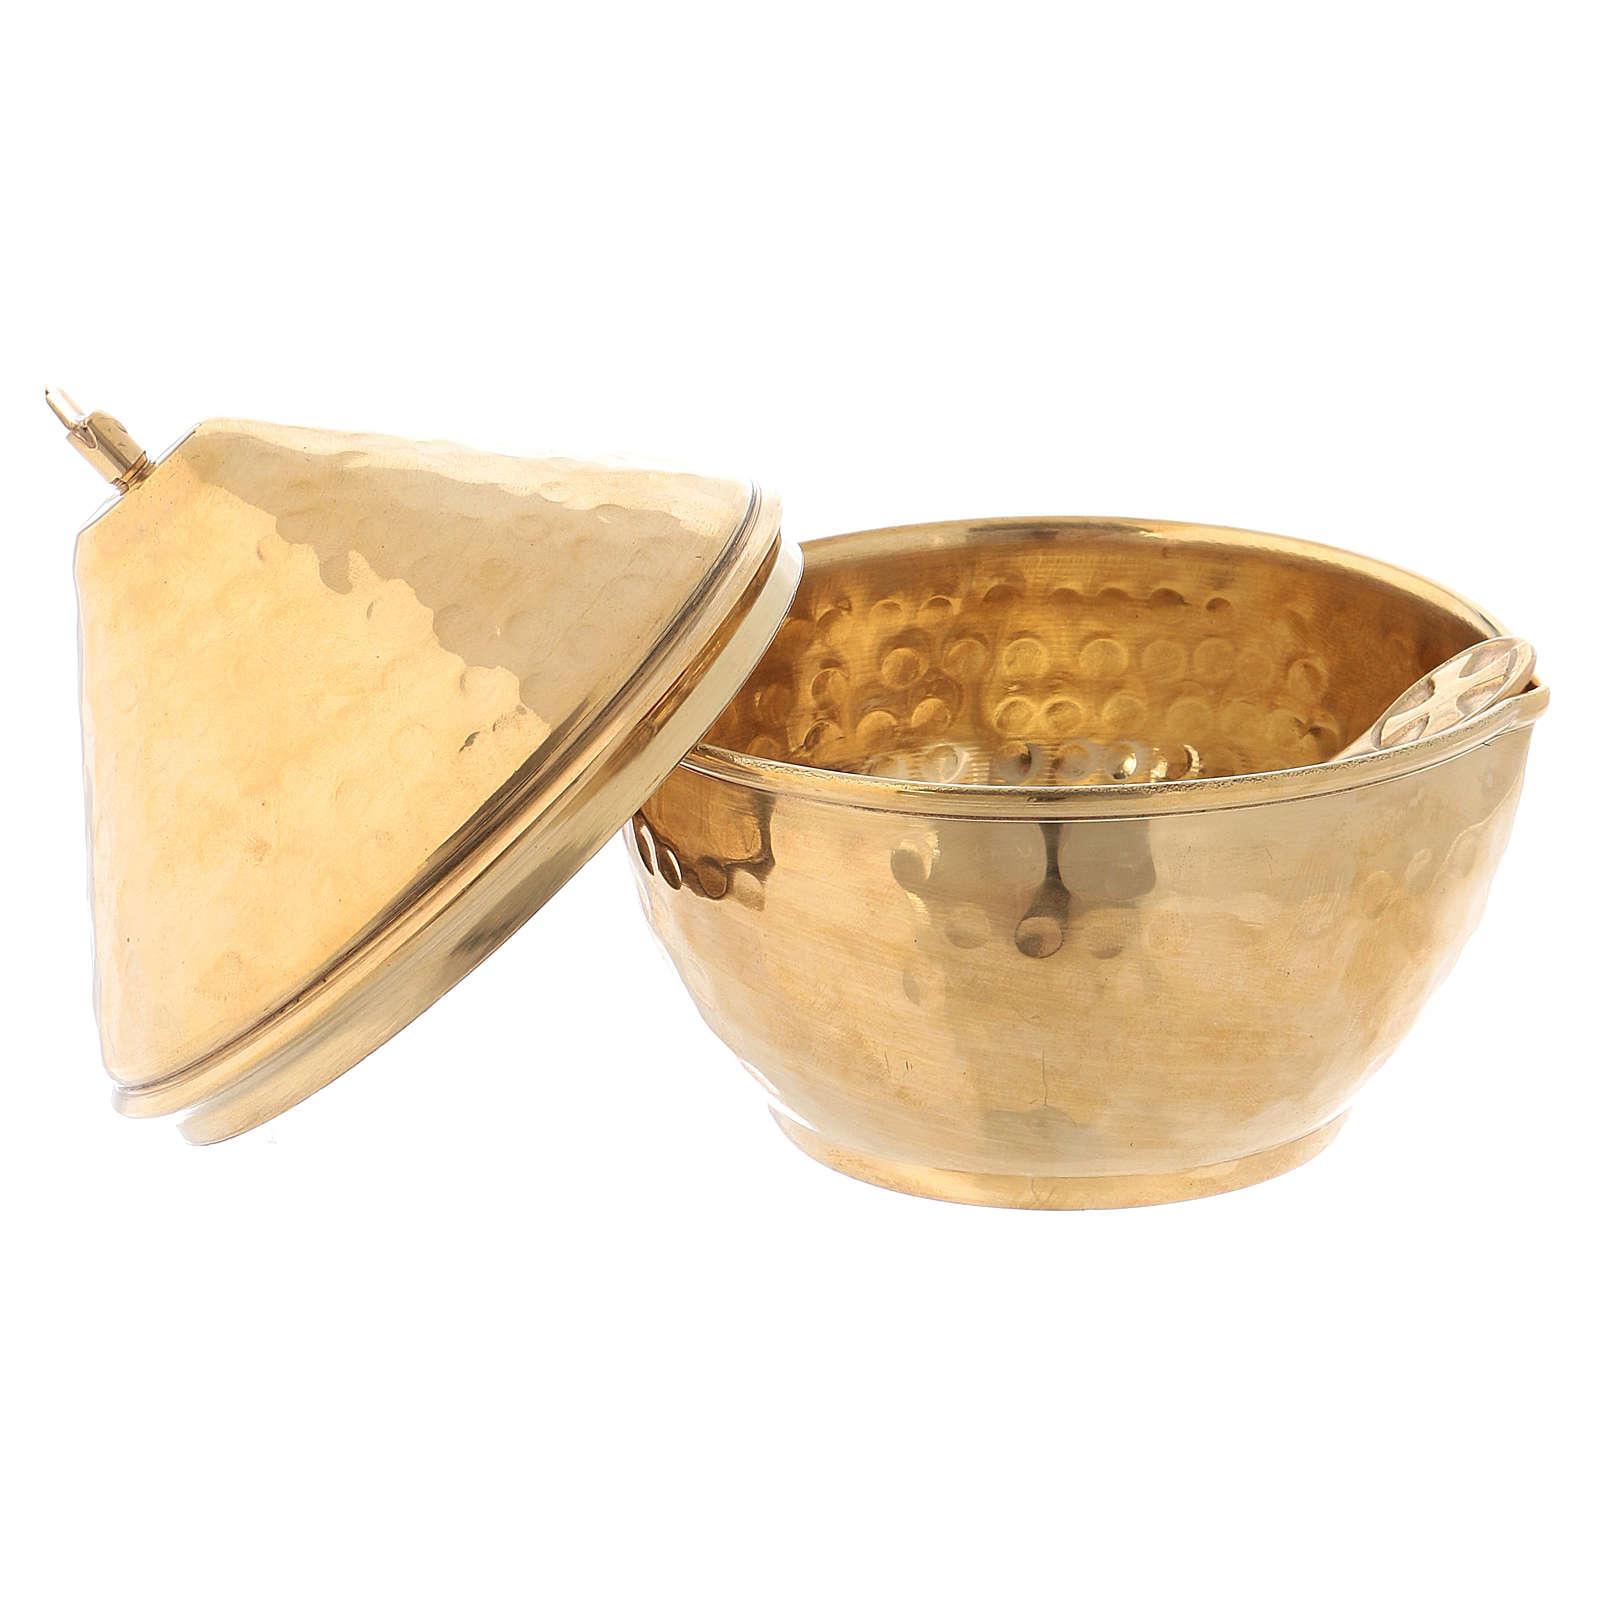 Vasetto portaincenso coperchio a cupola ottone dorato 3